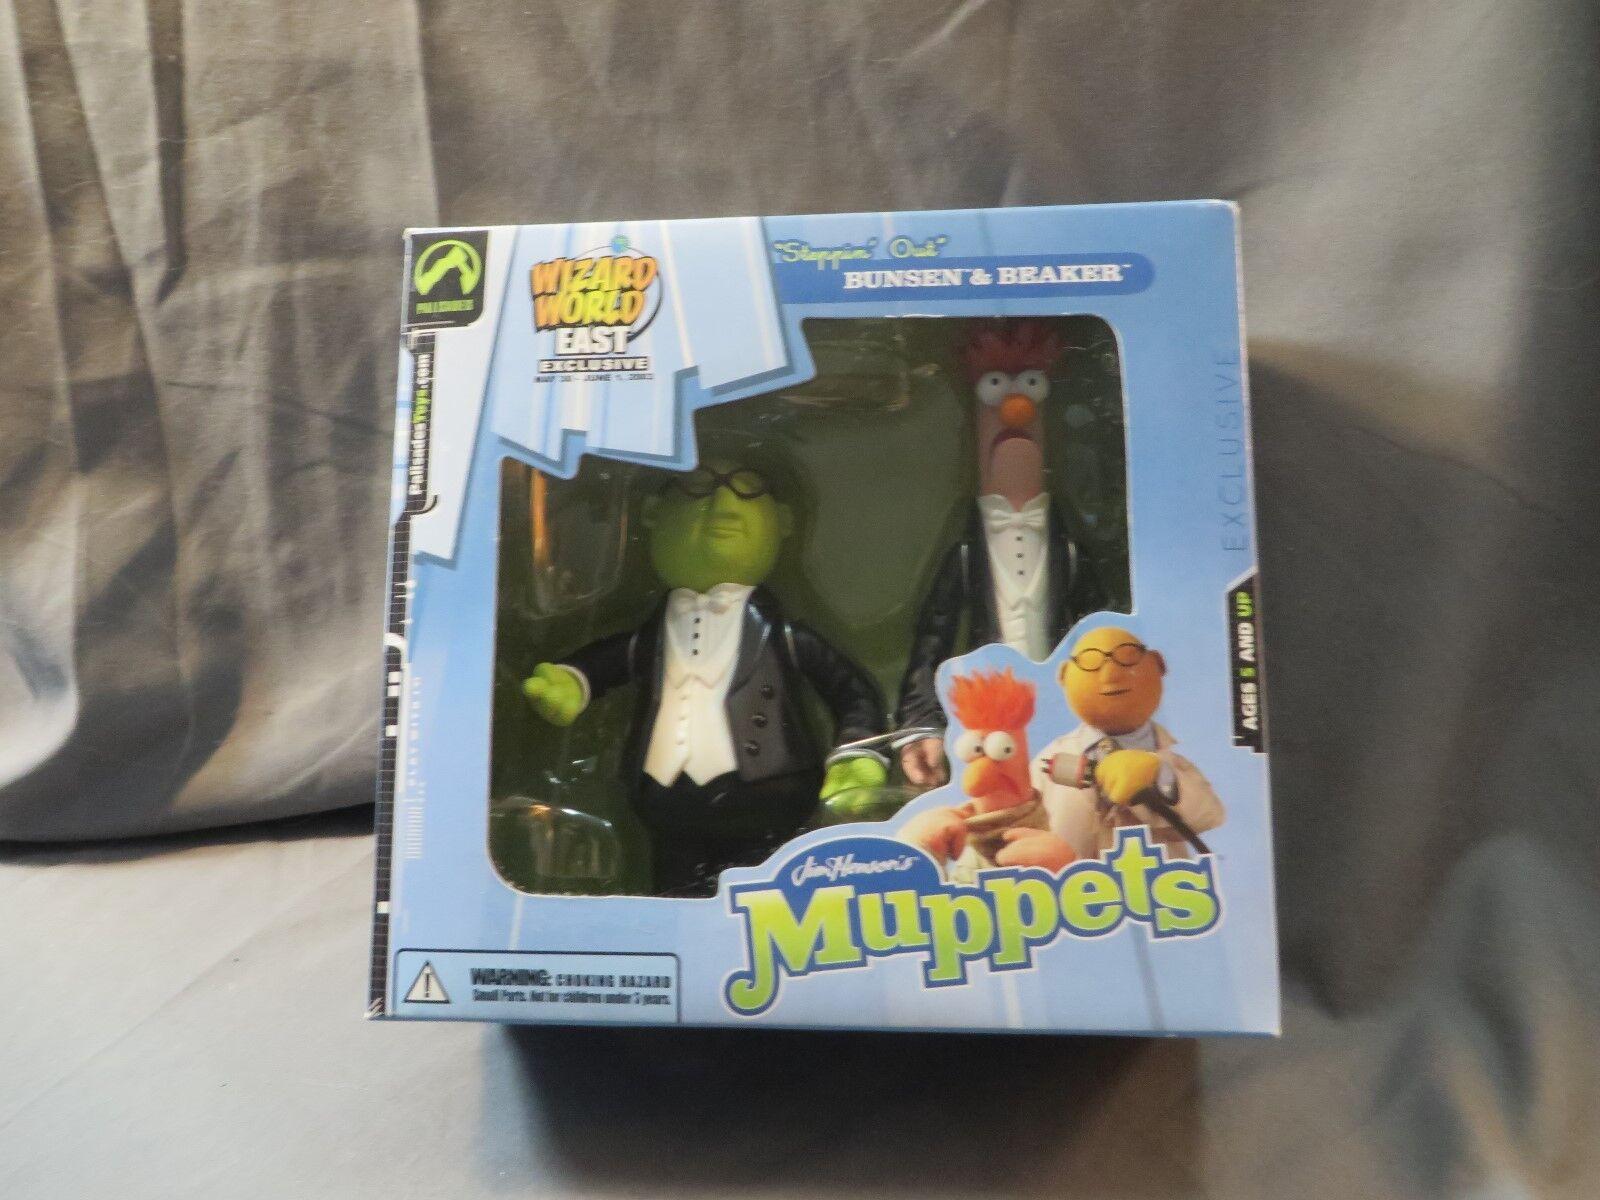 Palisades Muppets WIZARD WORLD East Steppin out  BUNSEN & Bécher DGSIM